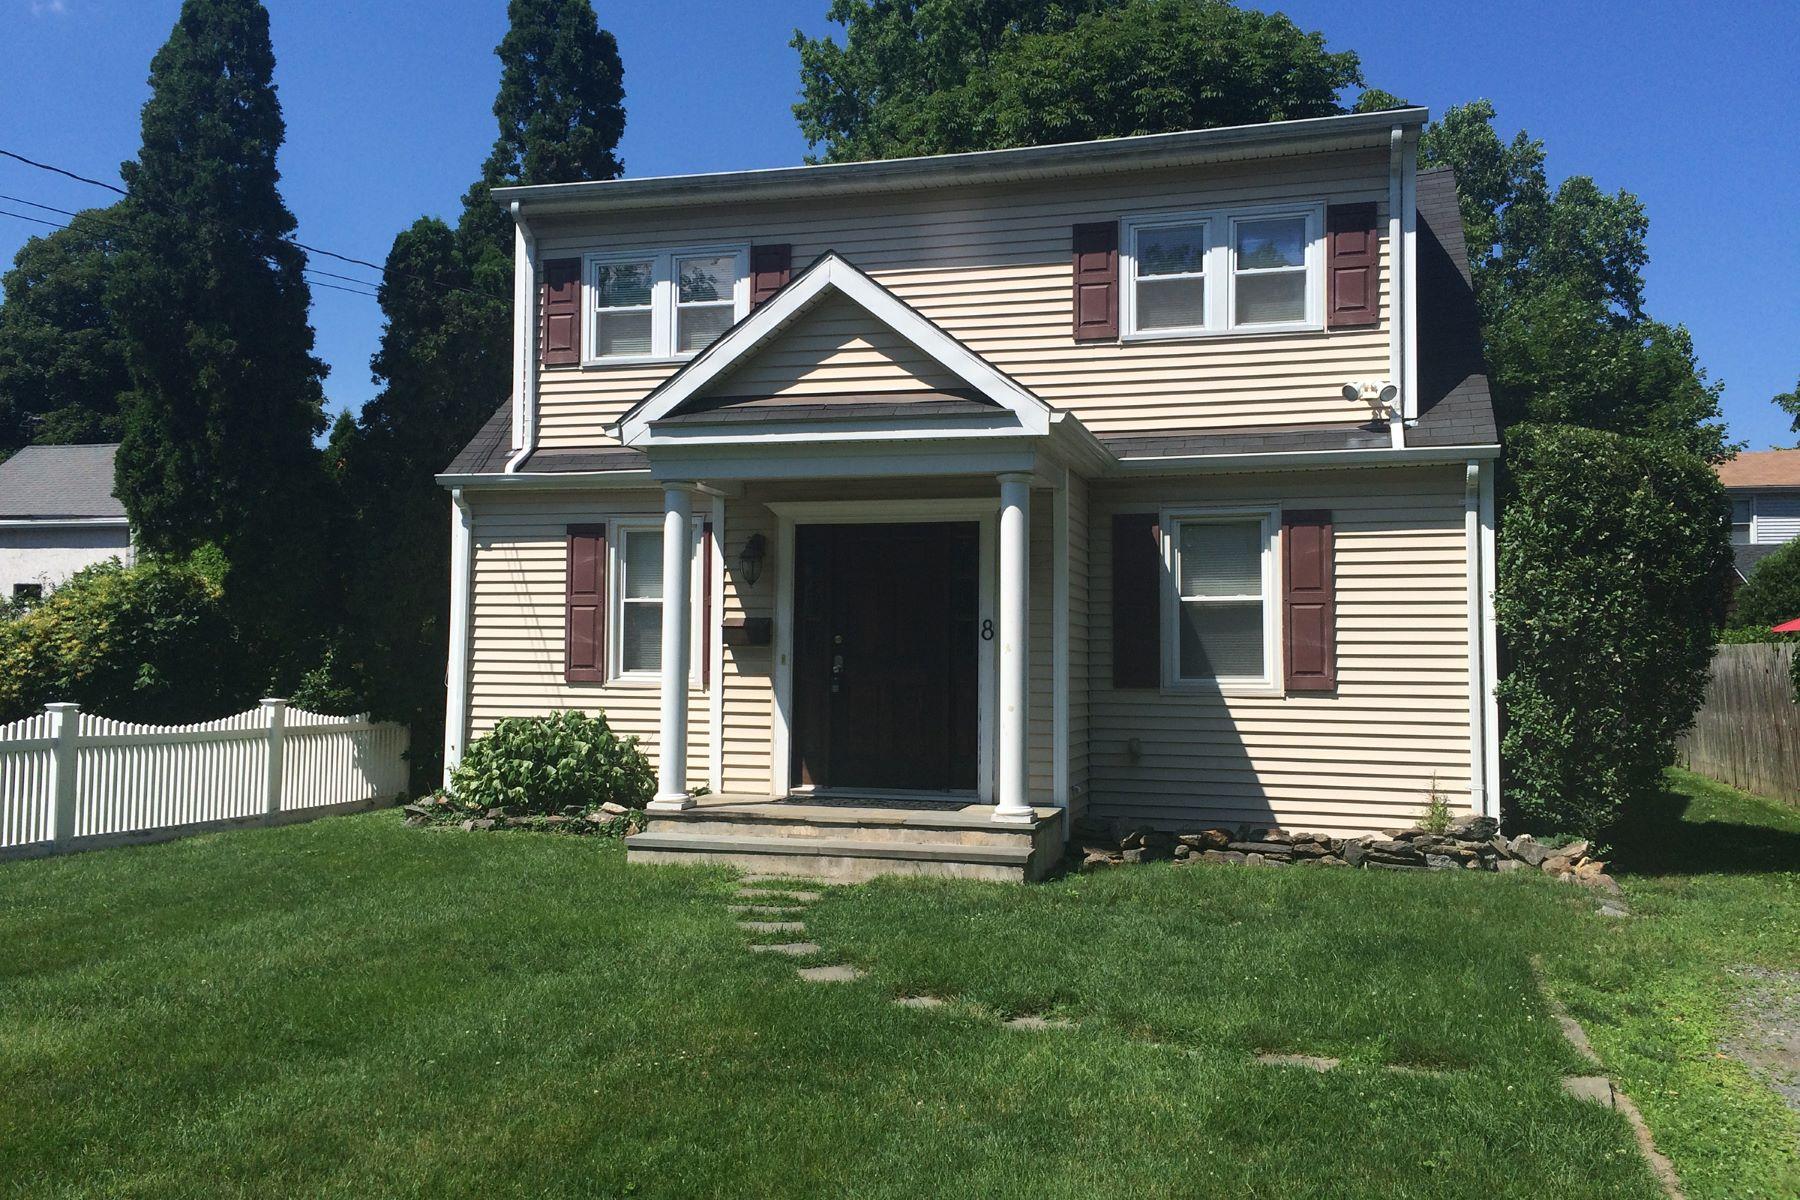 Частный односемейный дом для того Аренда на 8 Goldwin Street Rye, Нью-Йорк, 10580 Соединенные Штаты